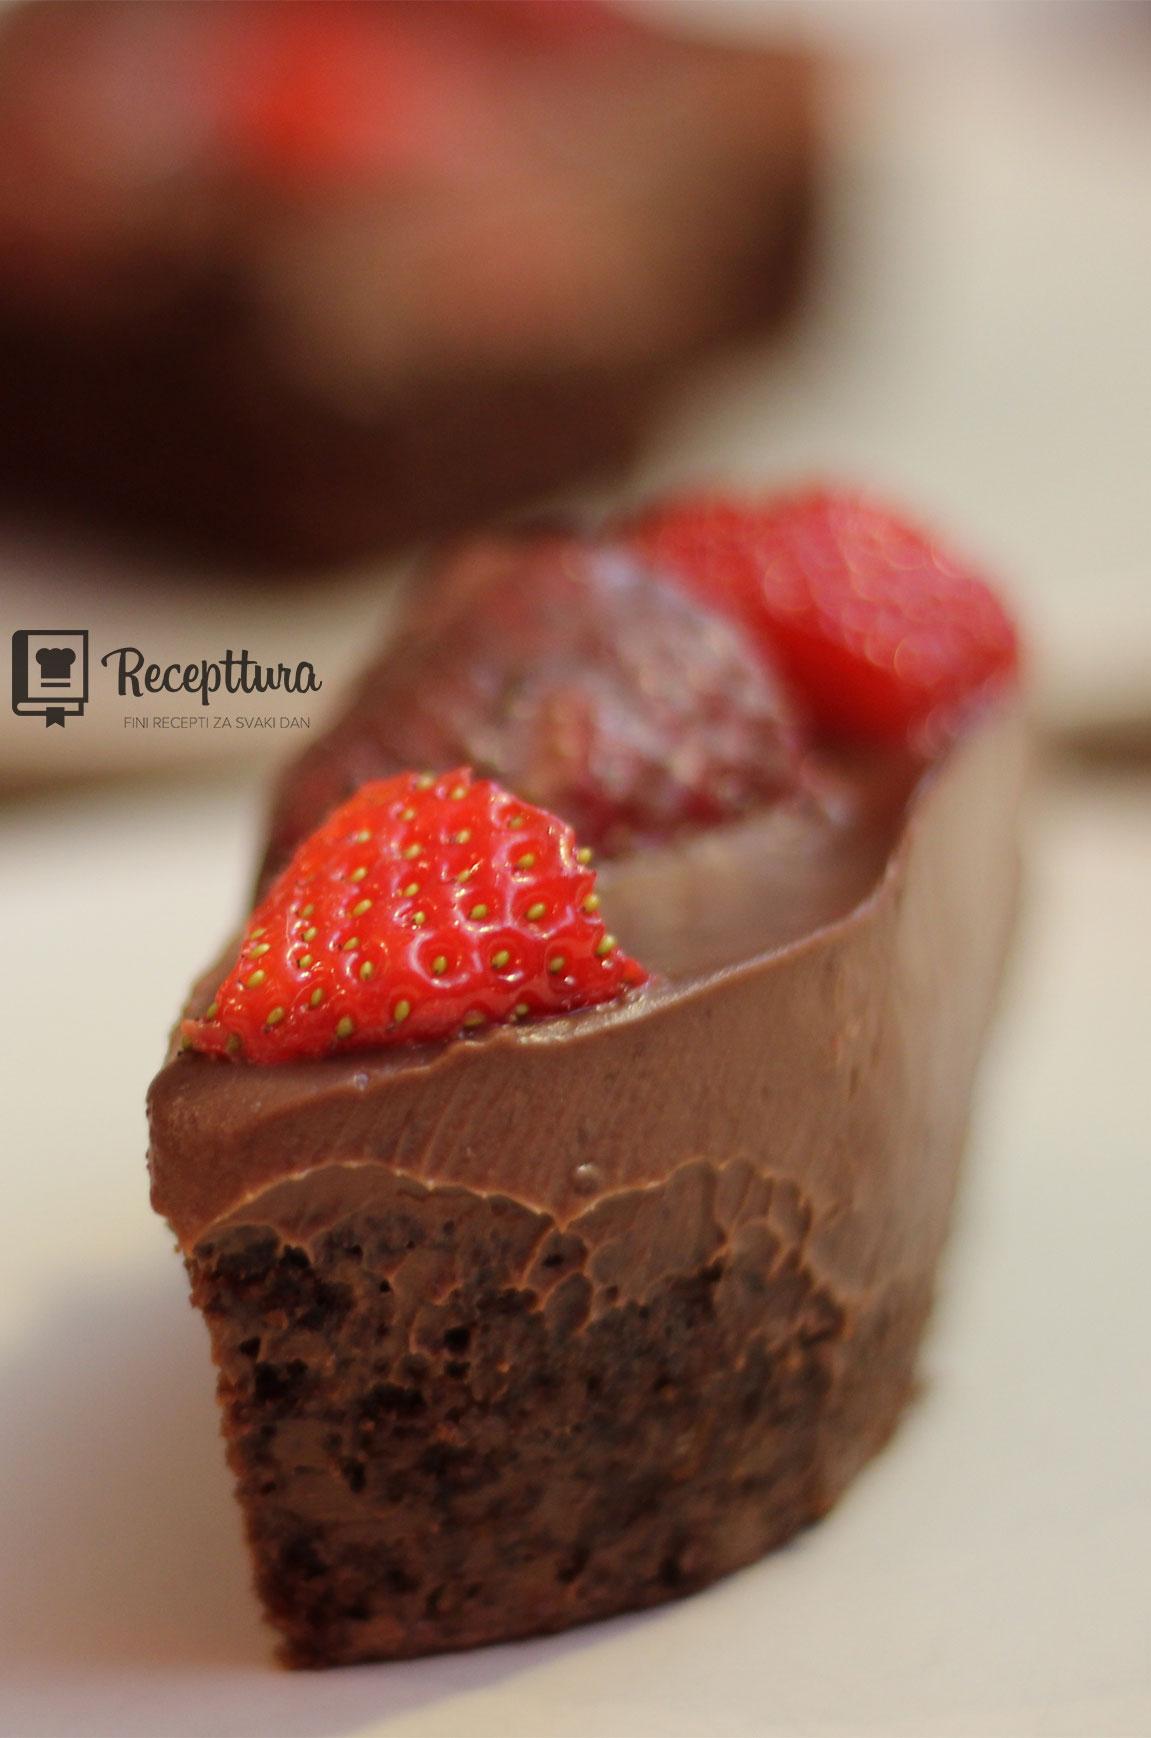 Čokoladne jagoda kocke provorazredna su poslastica s prizvukom romantike